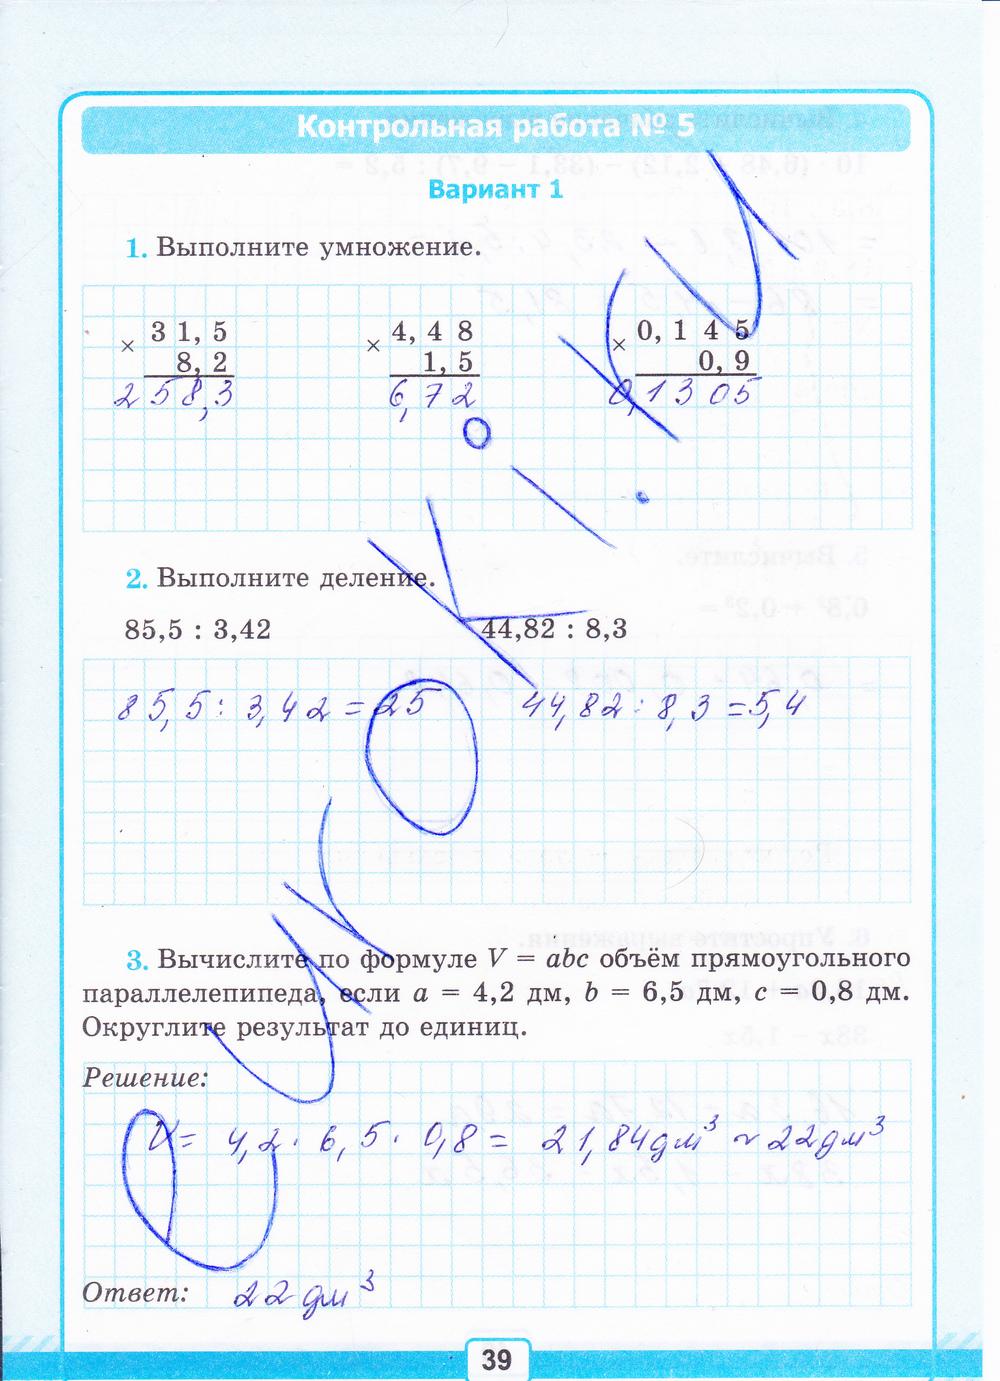 гдз по математике 5 класс тетрадь для контрольных работ в.н.рудницкая